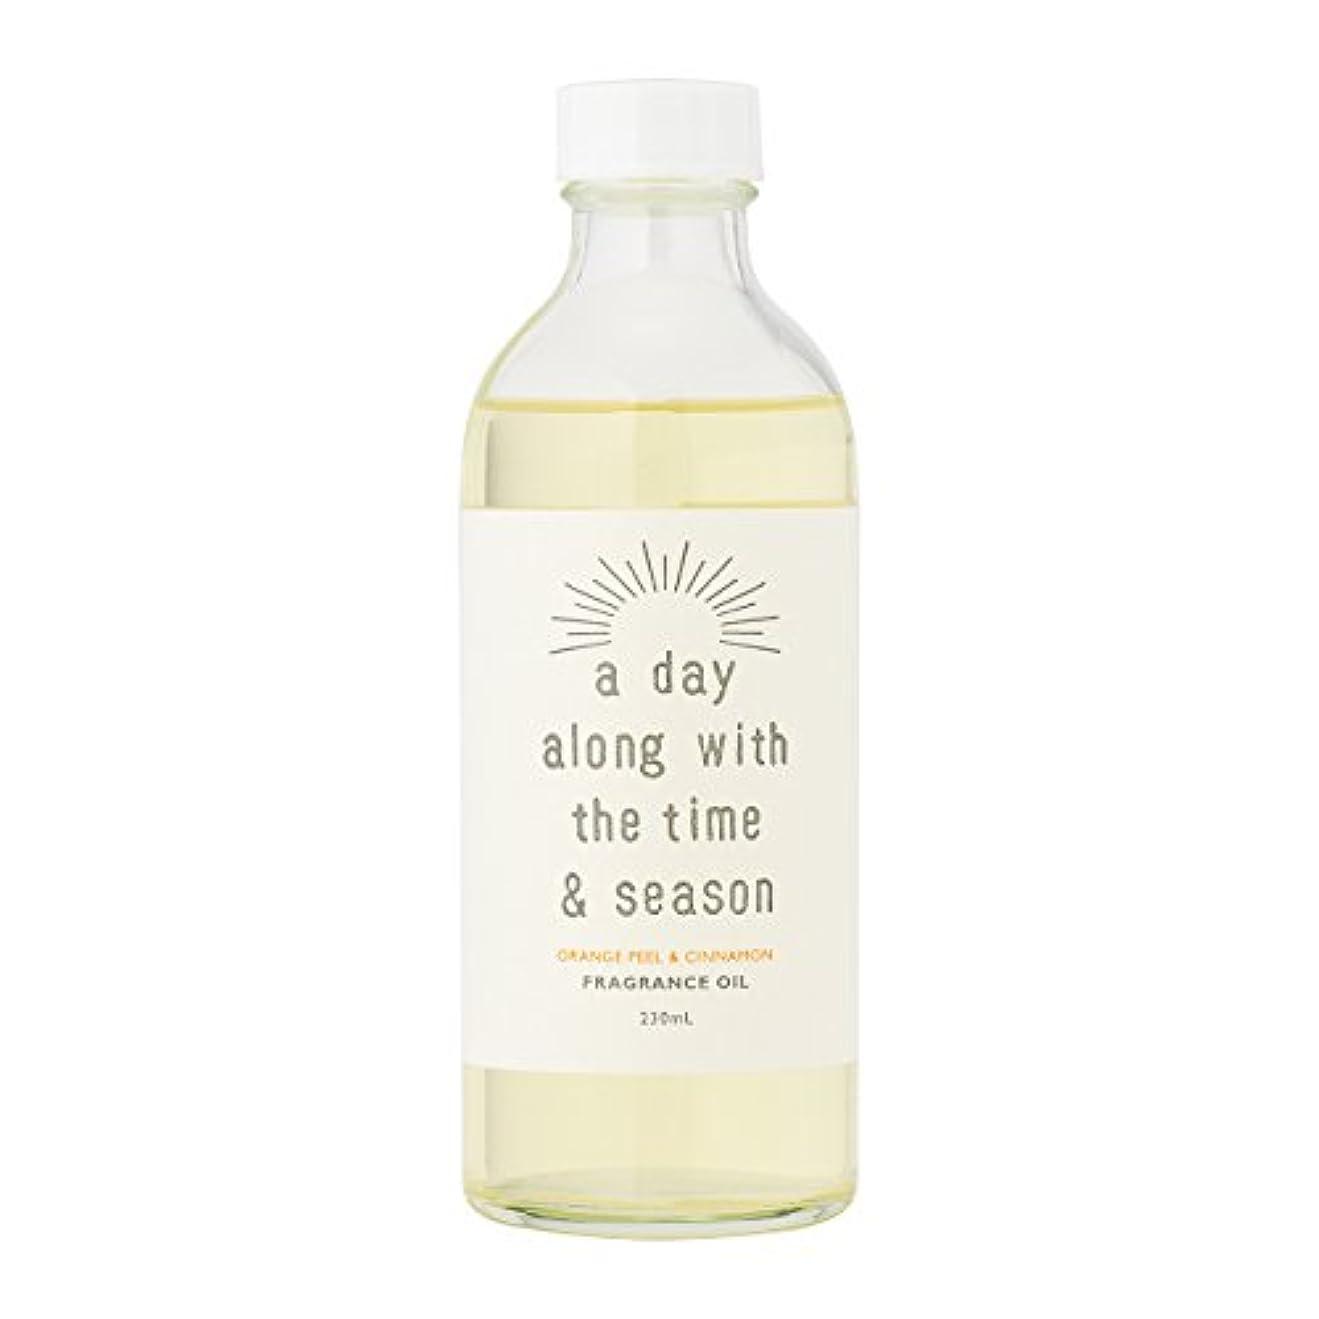 咳相談奨励しますアデイ(a day) リードディフューザー リフィル オレンジピール&シナモン 230ml(芳香剤 詰め替え用 甘酸っぱくて爽やかなオレンジピールにシナモンがふわりと広がる香り)